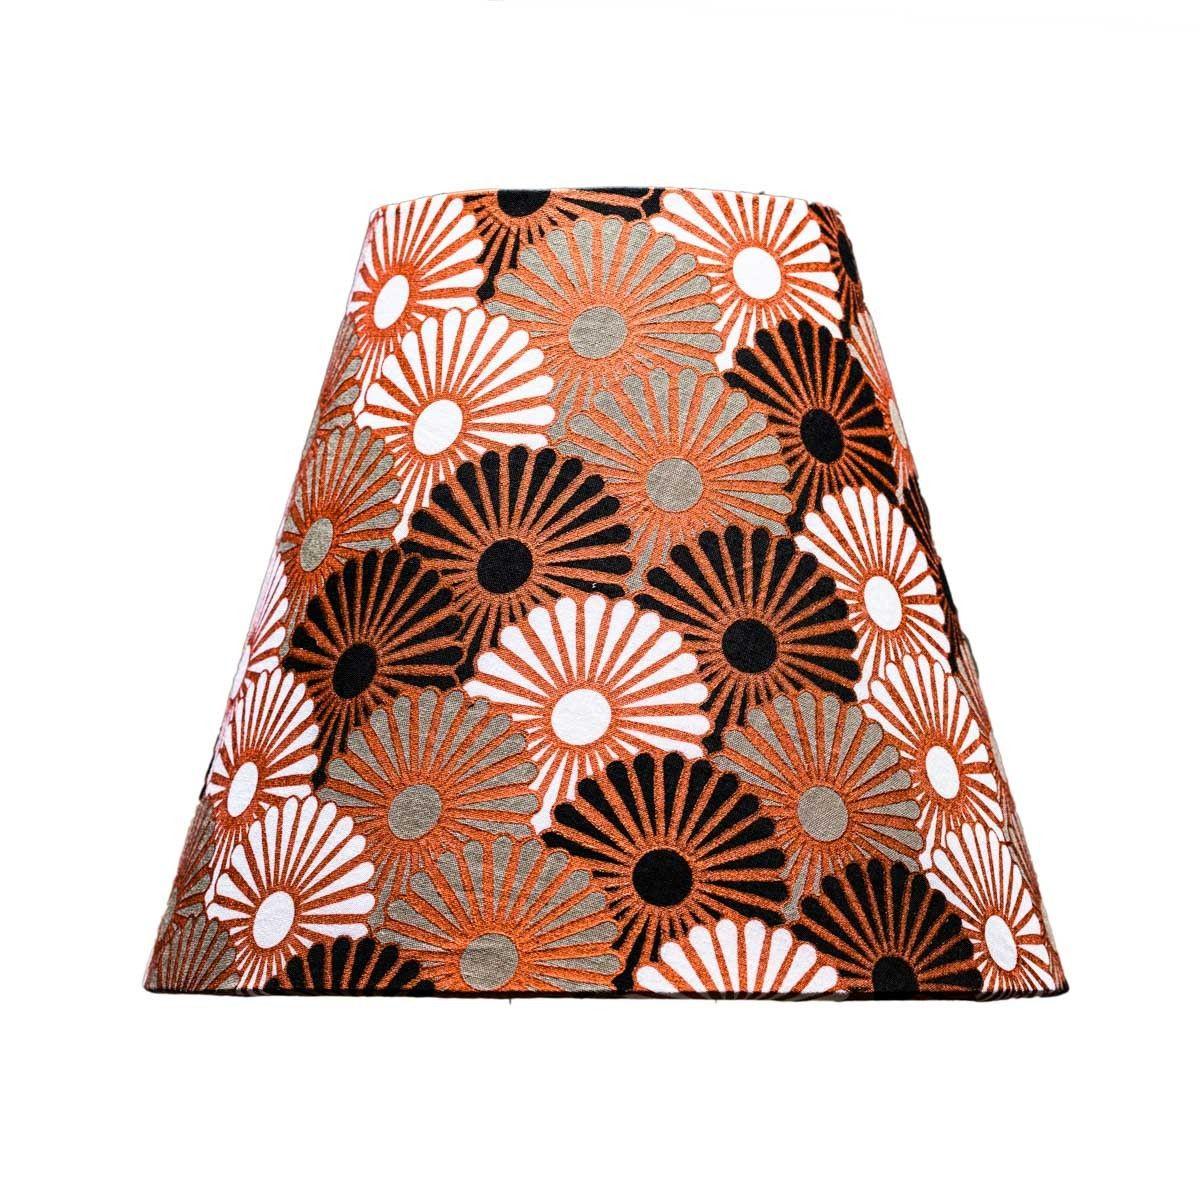 Abat-jour lampe de chevet tissu imprimé original chocolat et noir